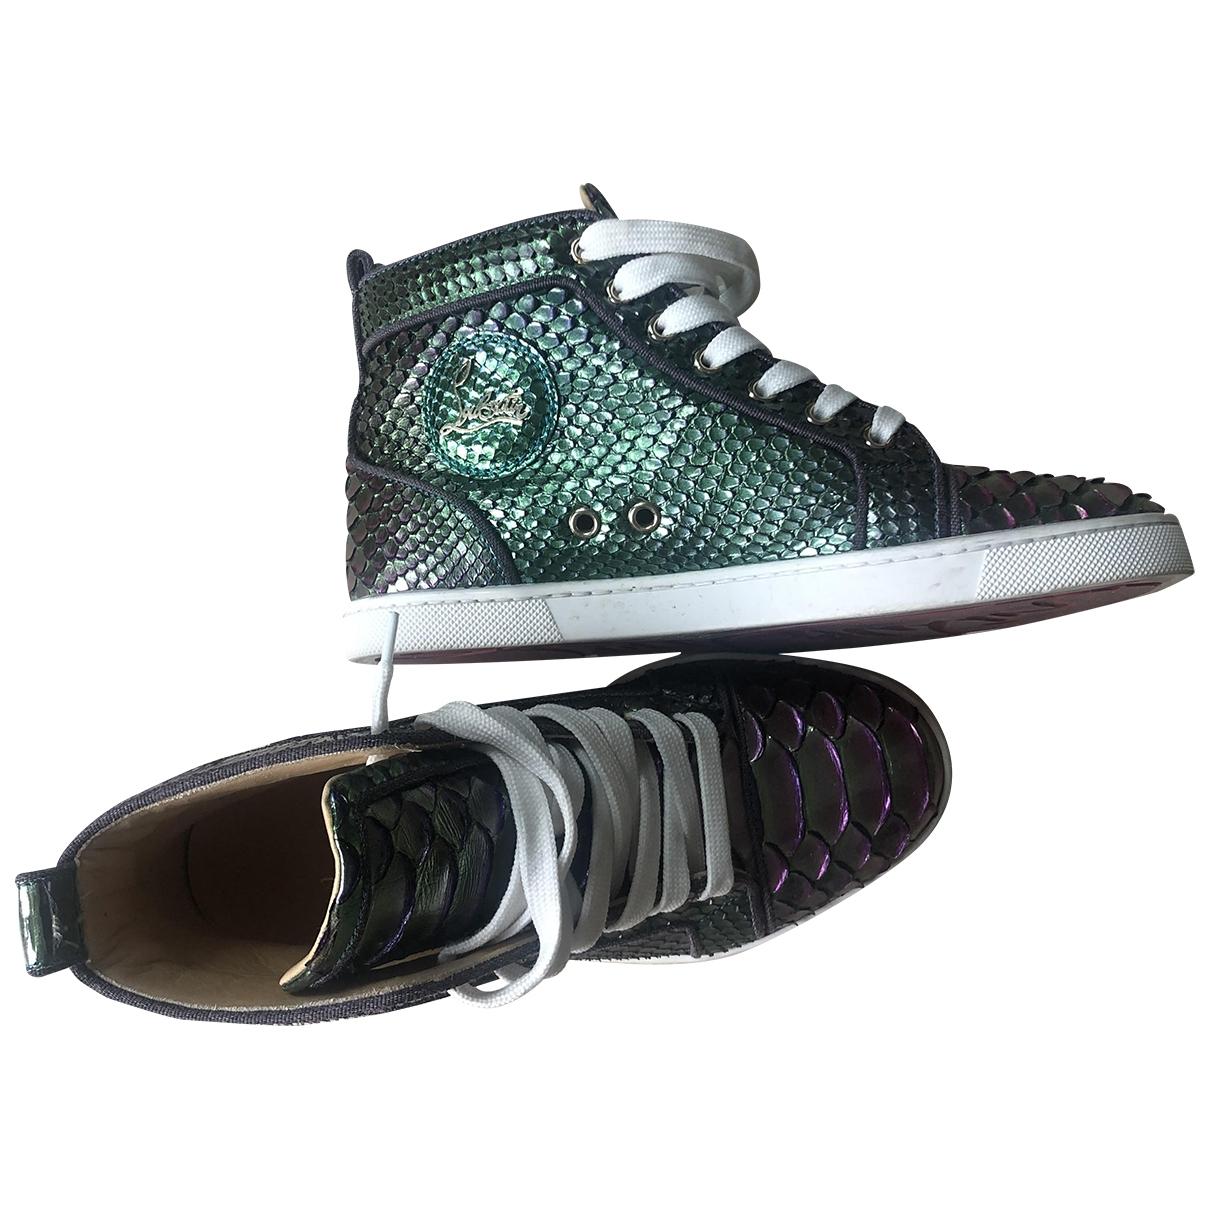 Christian Louboutin Louis Sneakers in  Lila Wasserschlangen